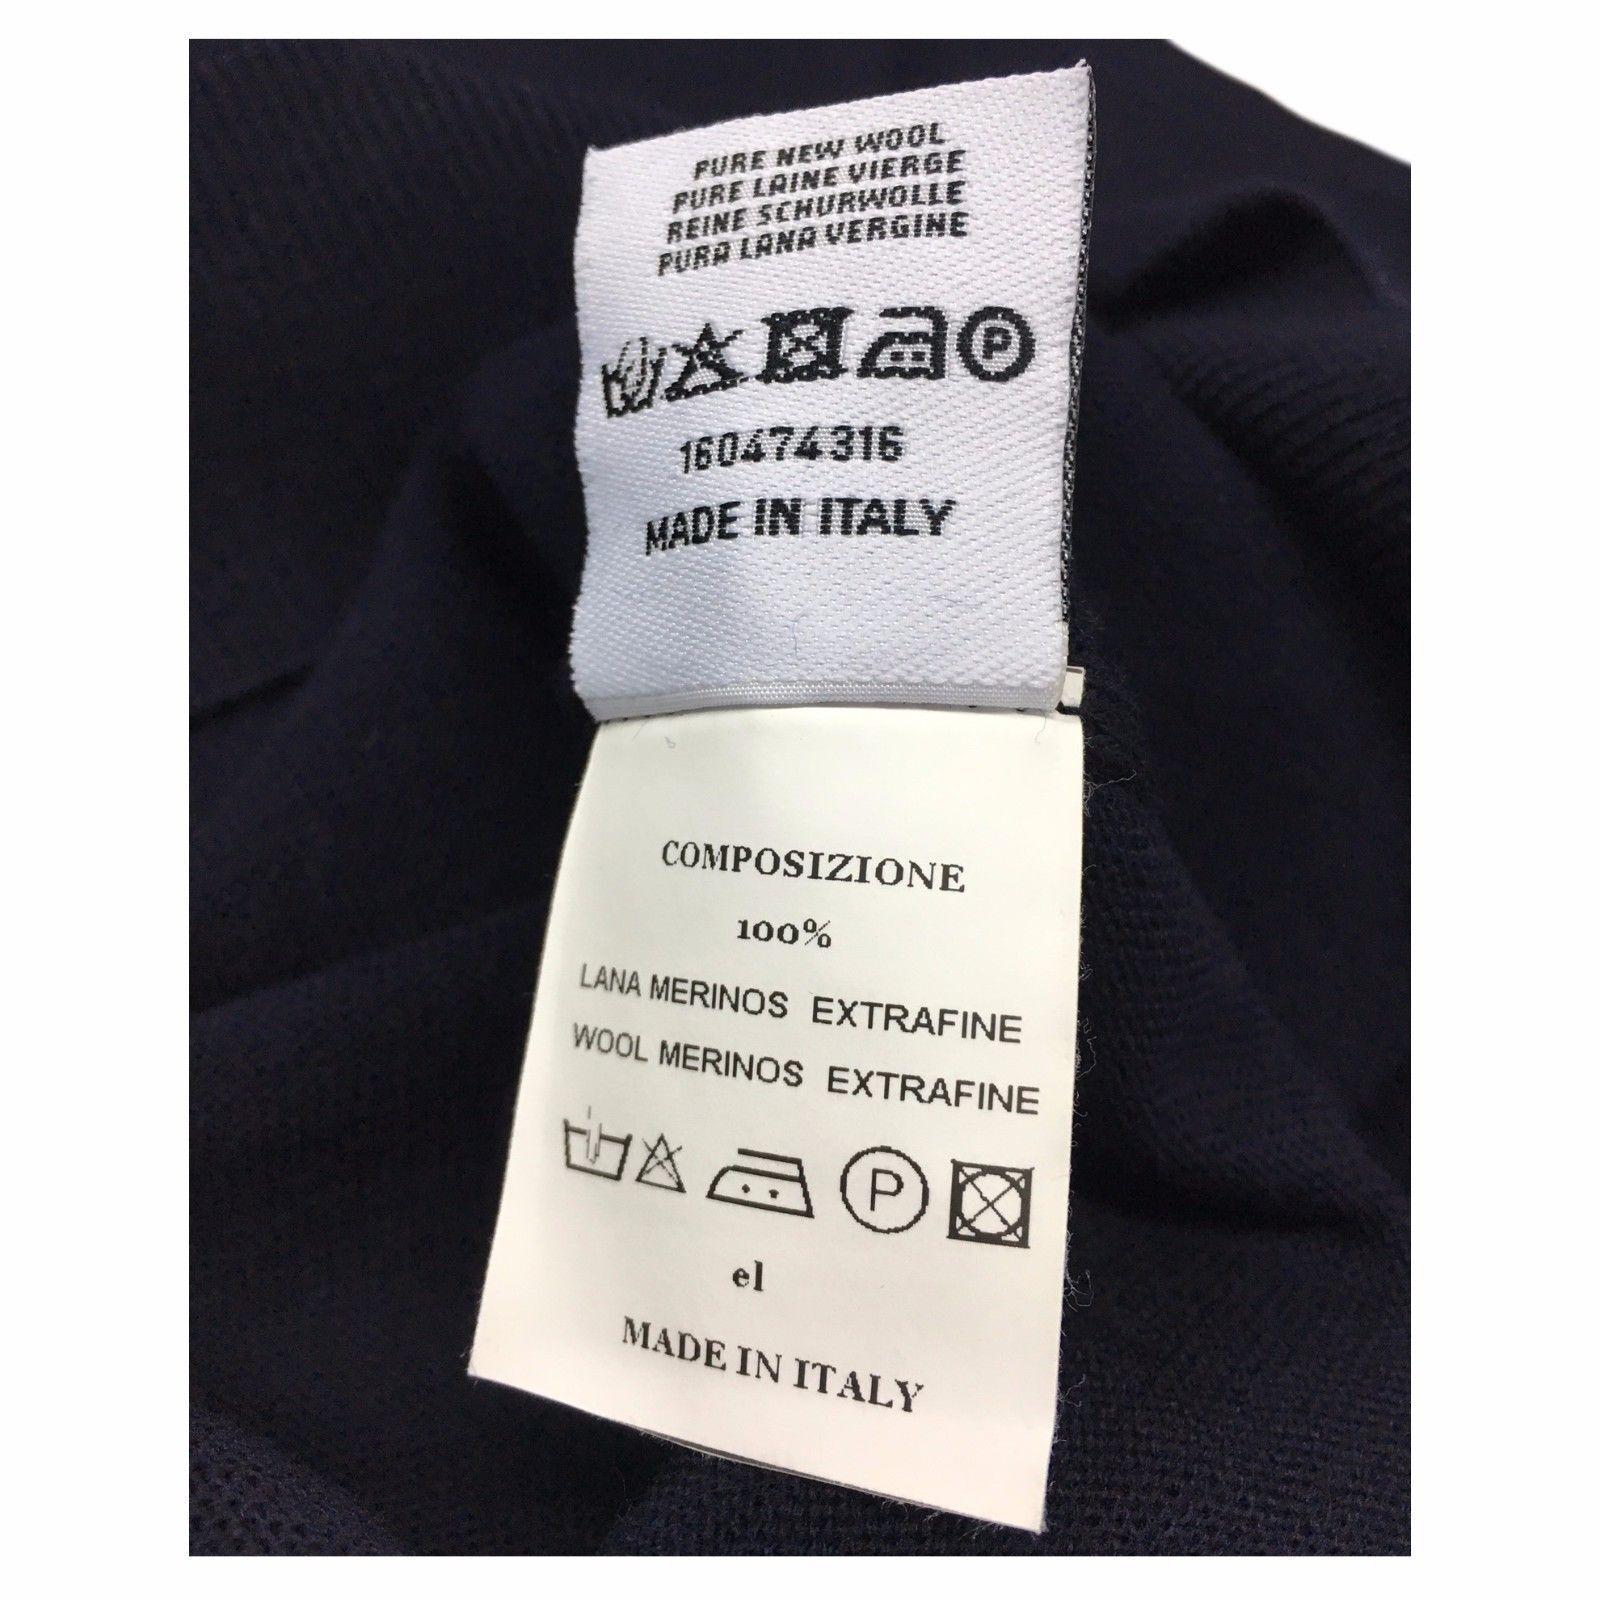 FERRANTE Weste Herren Mit Knöpfen 100% 100% 100% Wolle MADE IN ITALY Modell G22201   Shop Düsseldorf  fc15a1